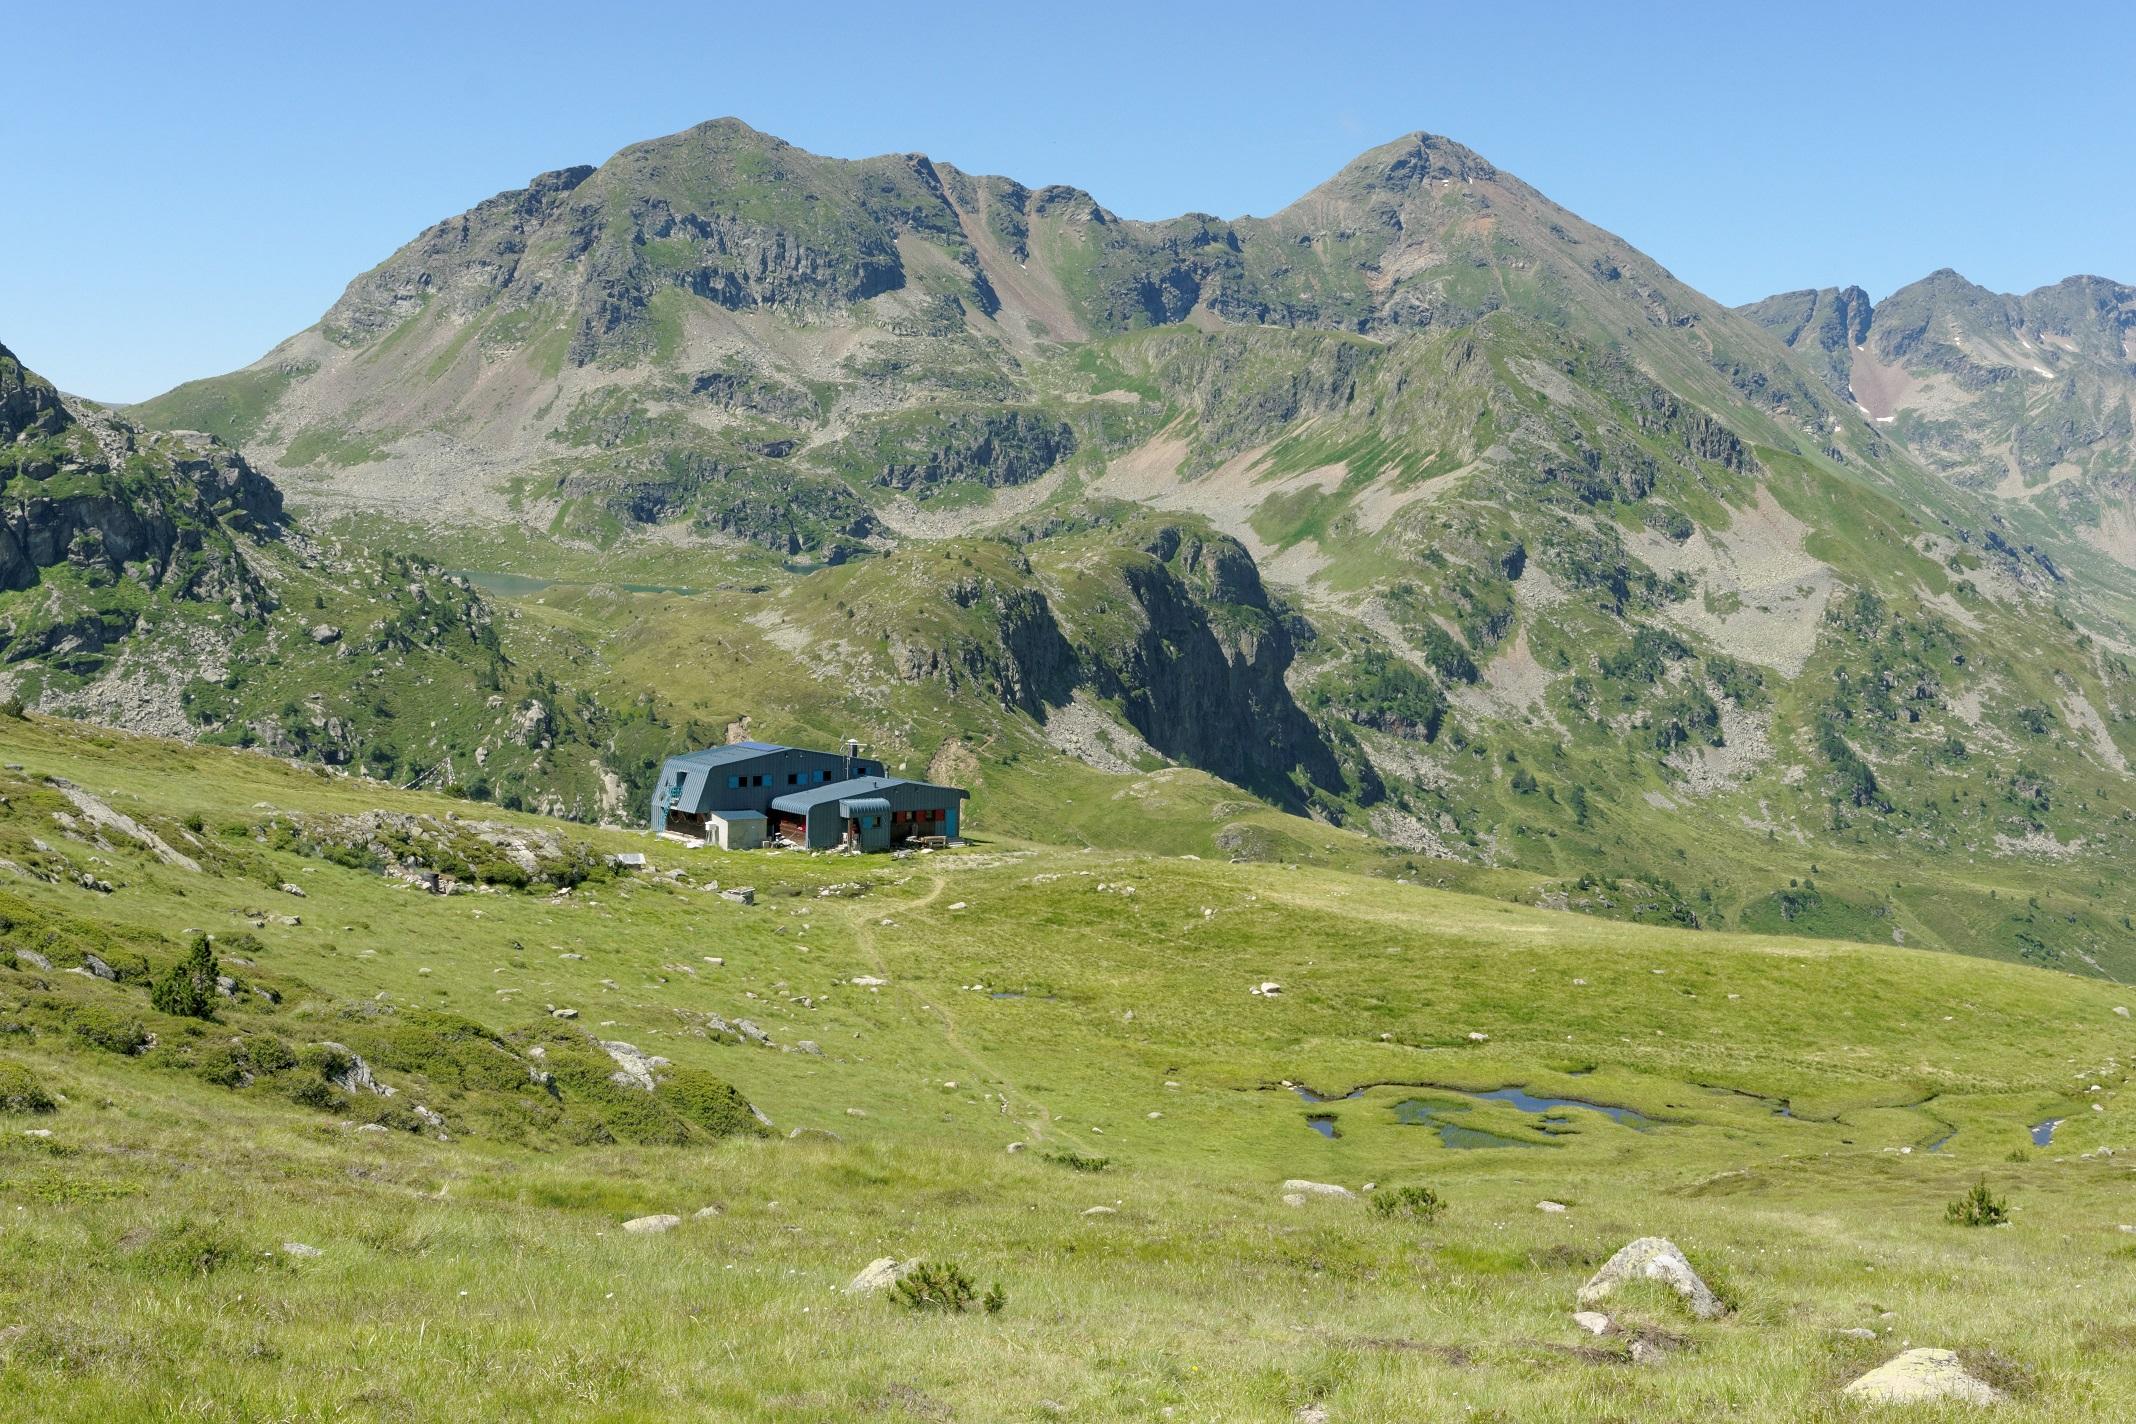 Le refuge de Ruhle dans la descente du col de Beil